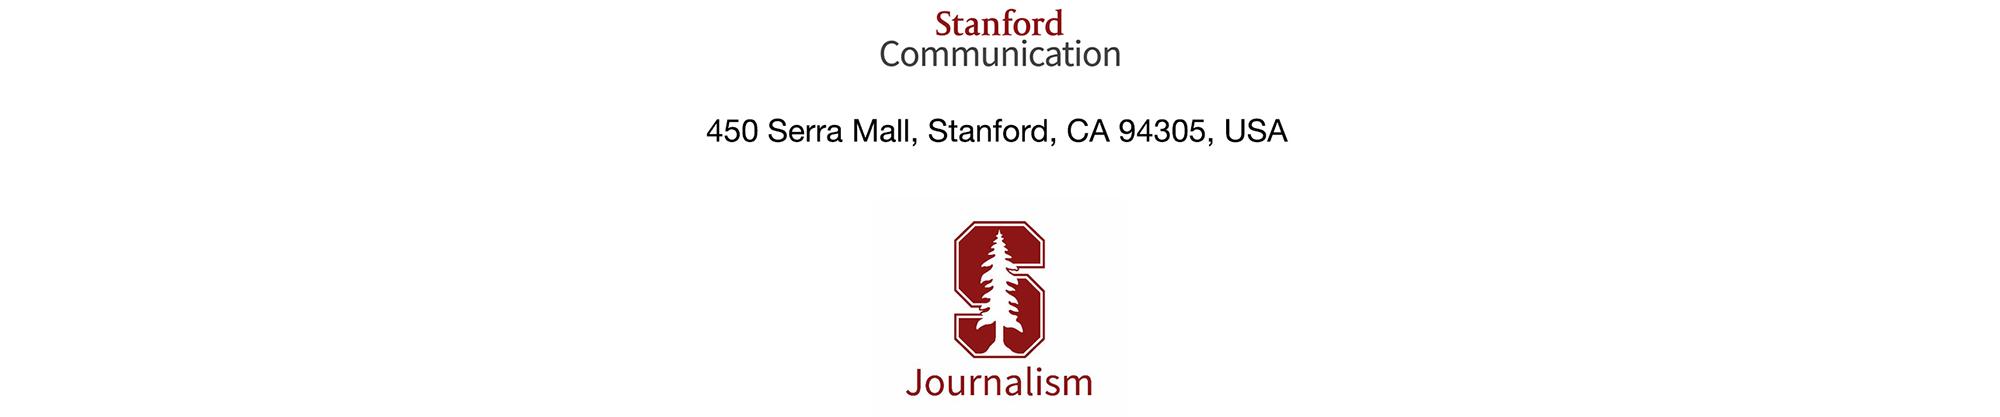 address stanford.jpg